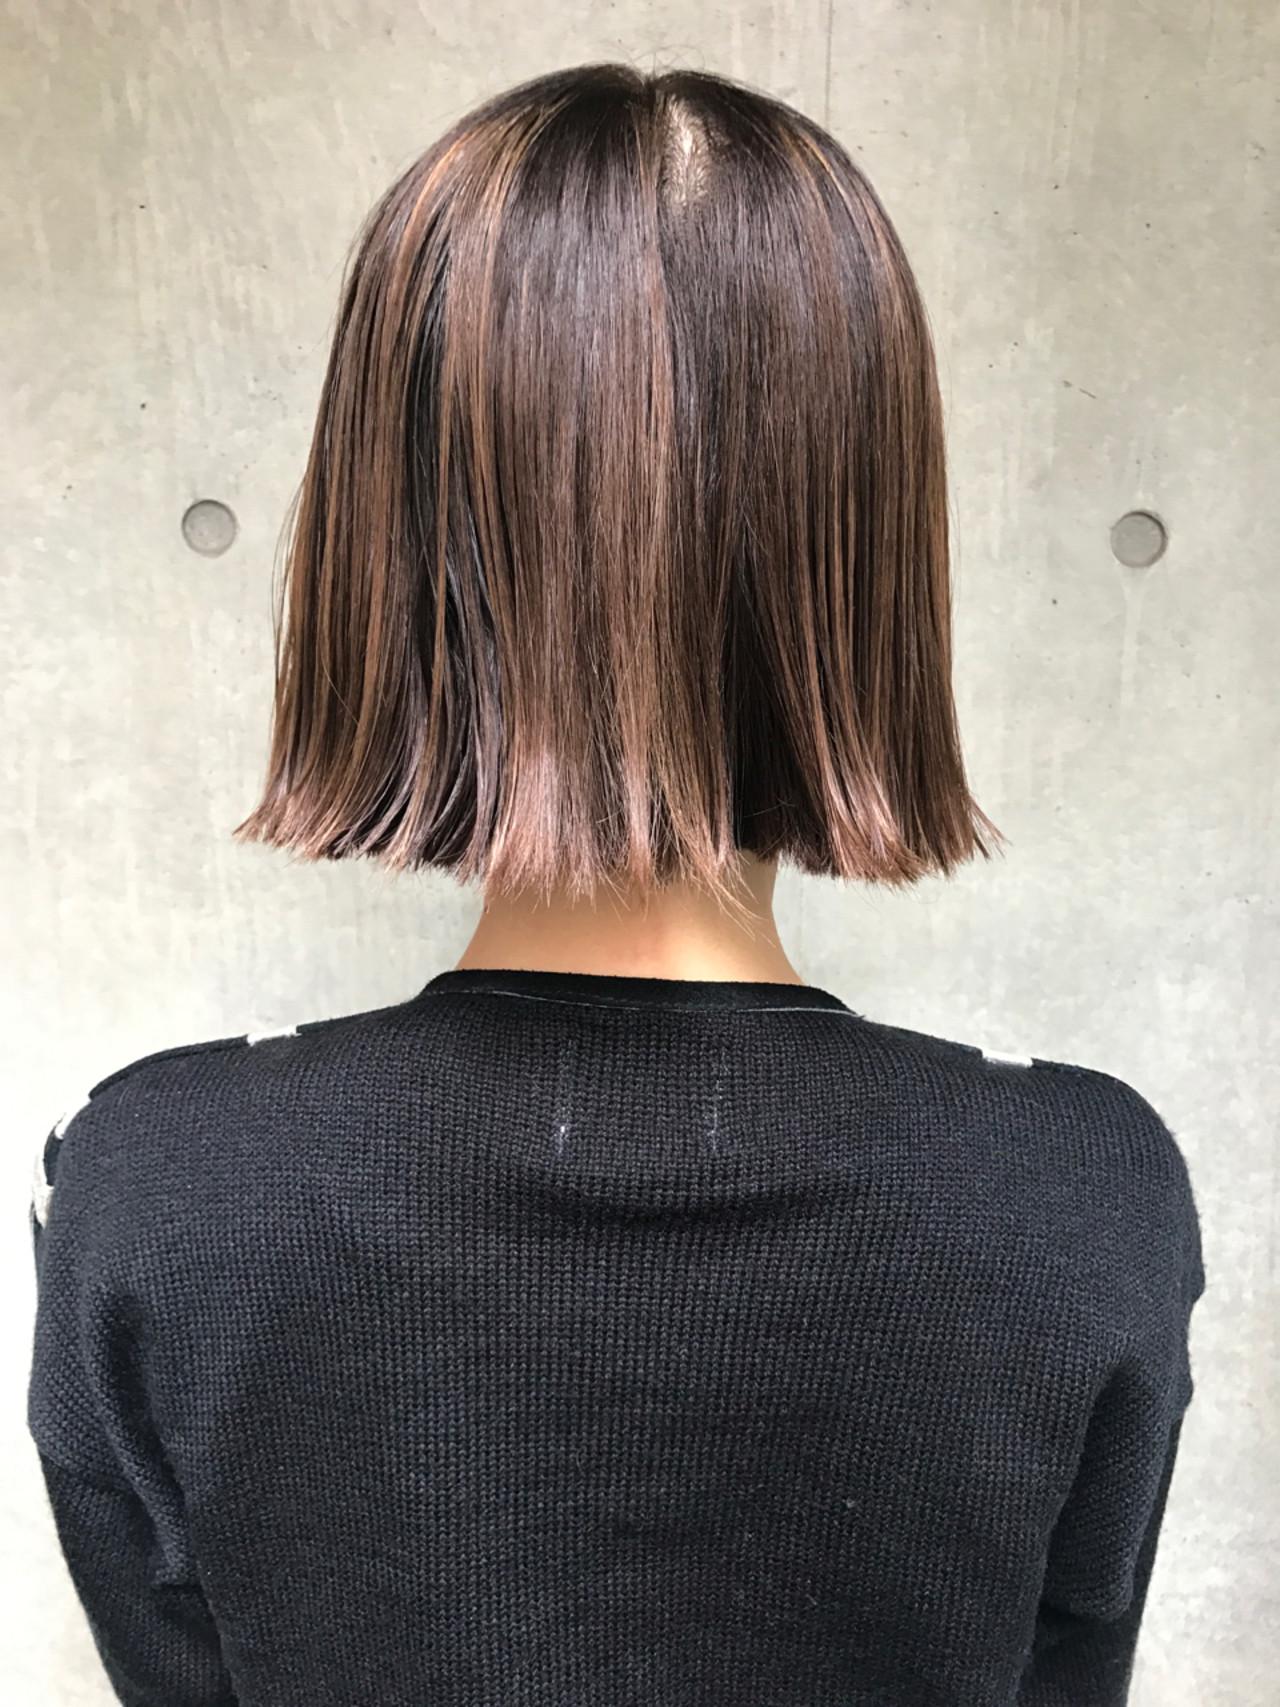 ボブ ハイライト ニュアンス モード ヘアスタイルや髪型の写真・画像